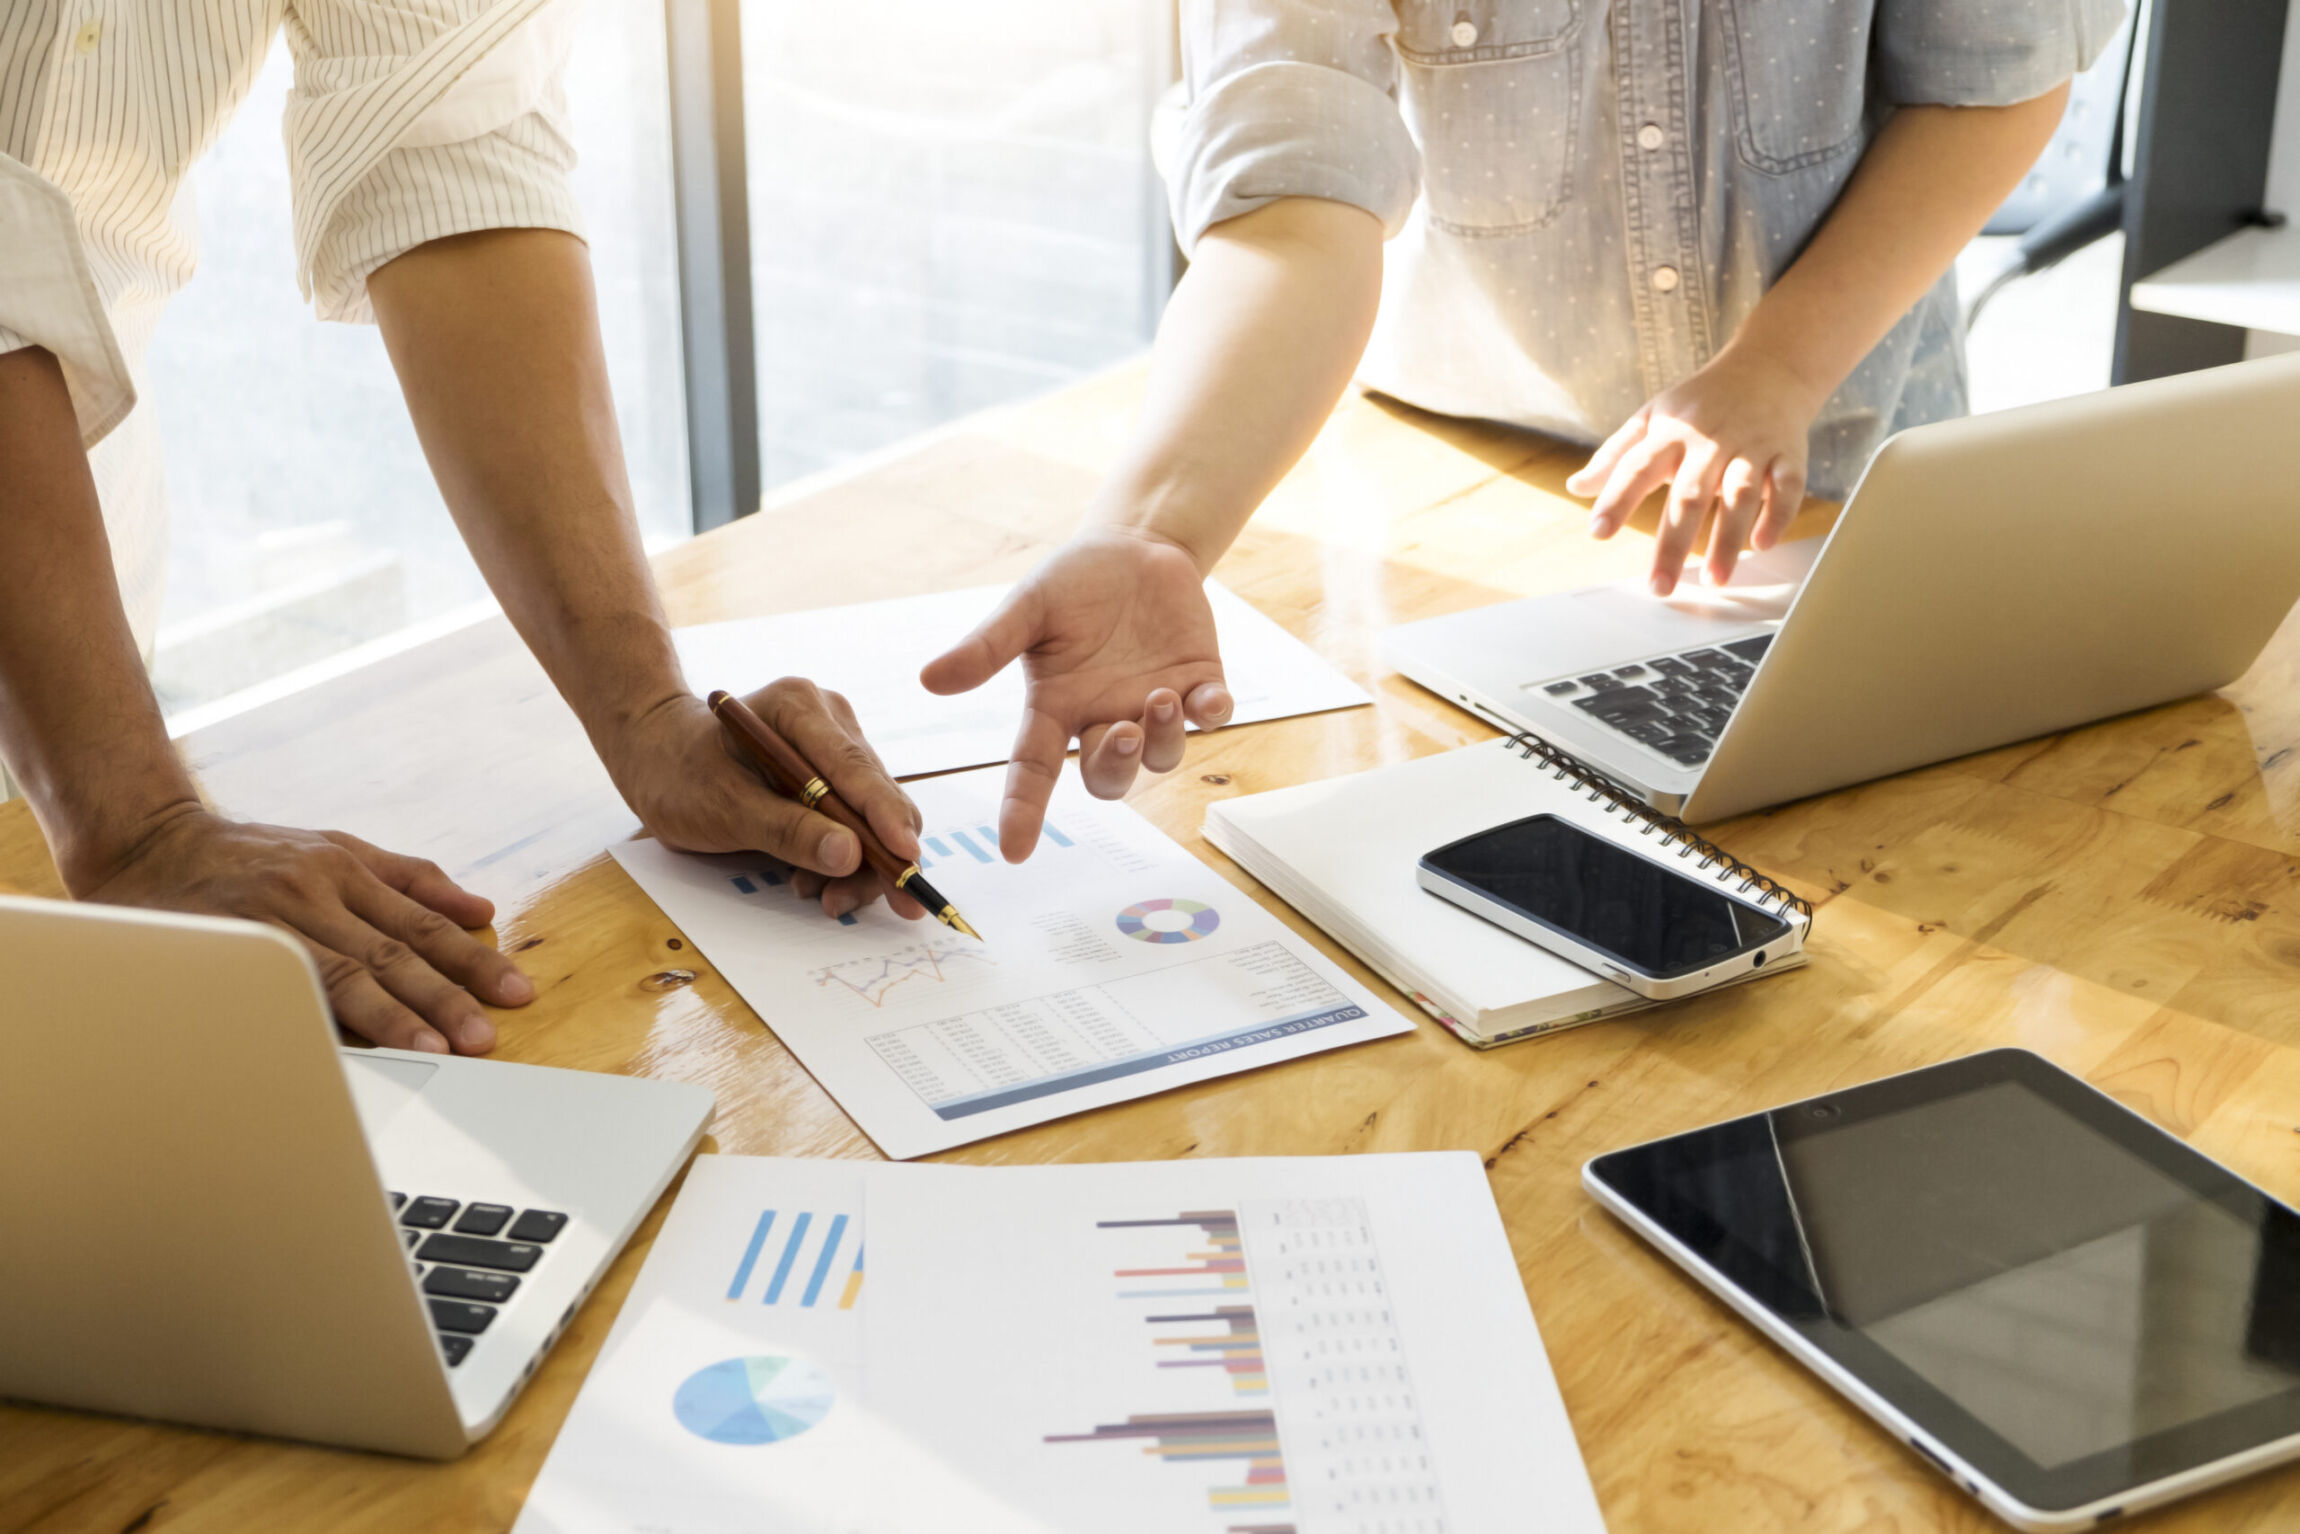 Affrontare con competenza il cambiamento in azienda